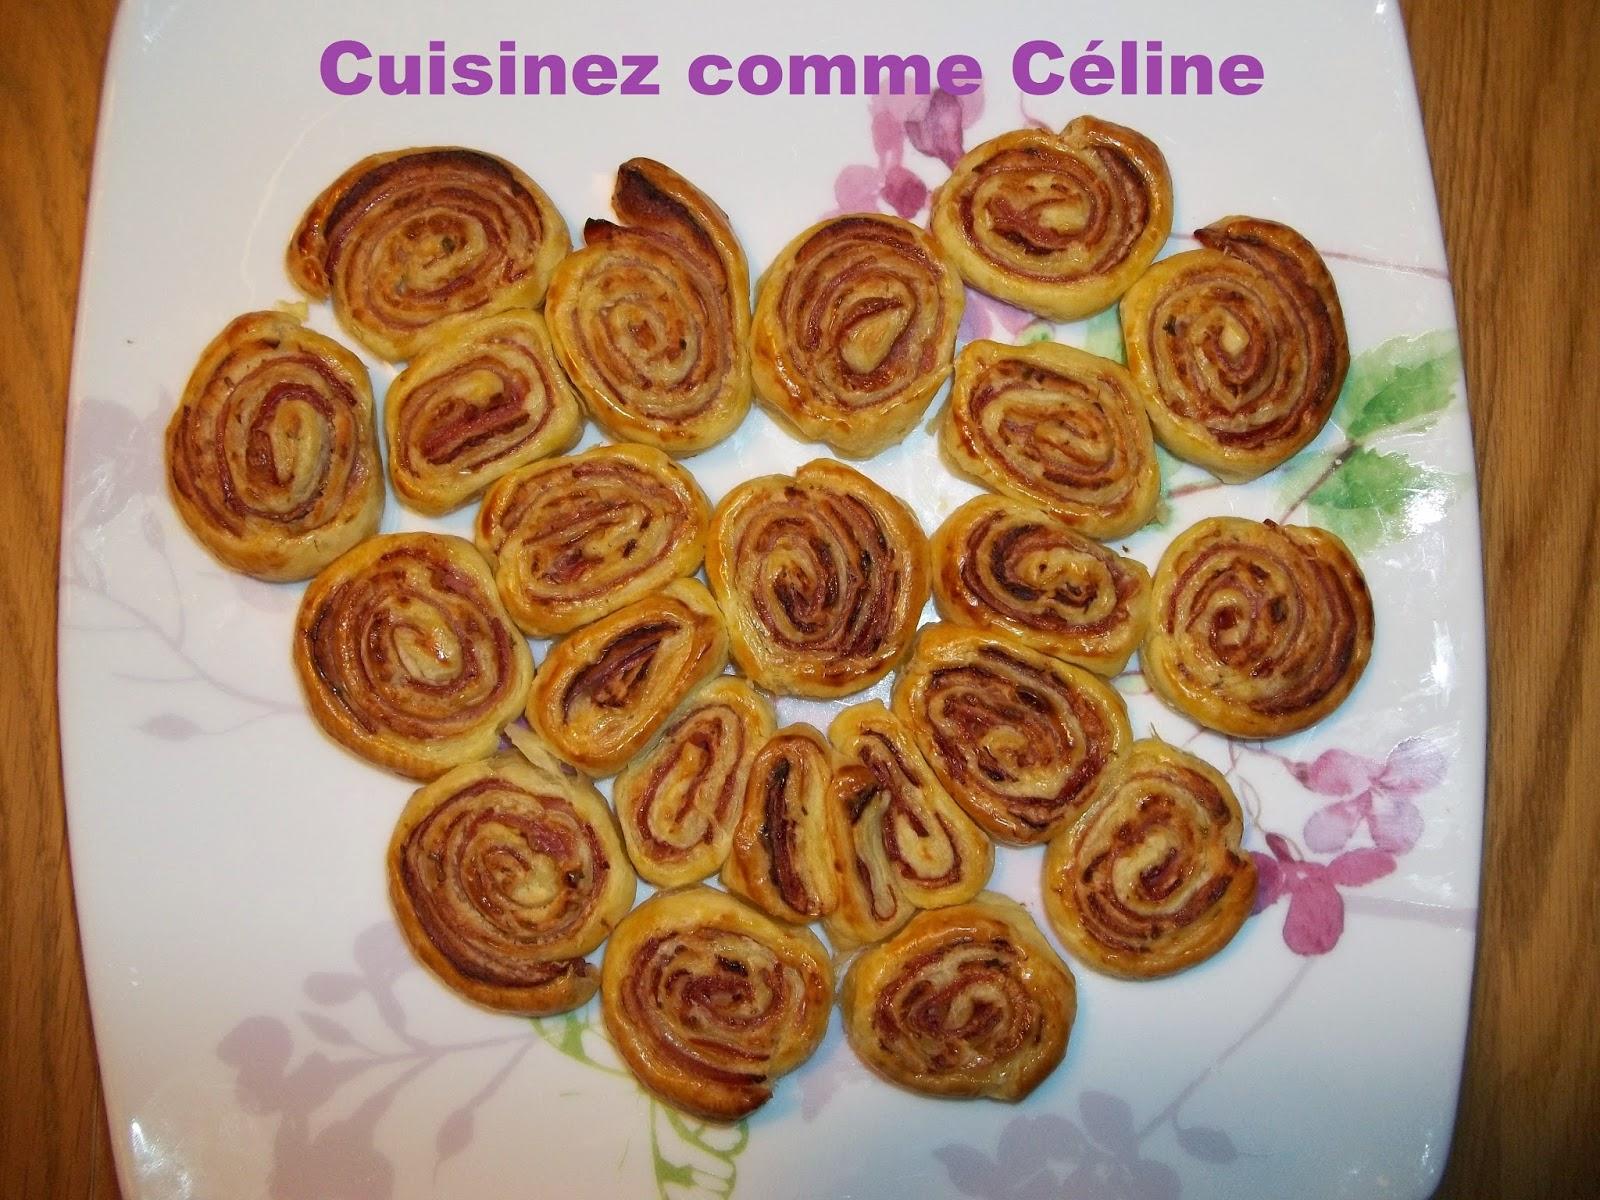 http://cuisinezcommeceline.blogspot.fr/2015/02/roules-feuilletes-bacon-ail-et-fines.html